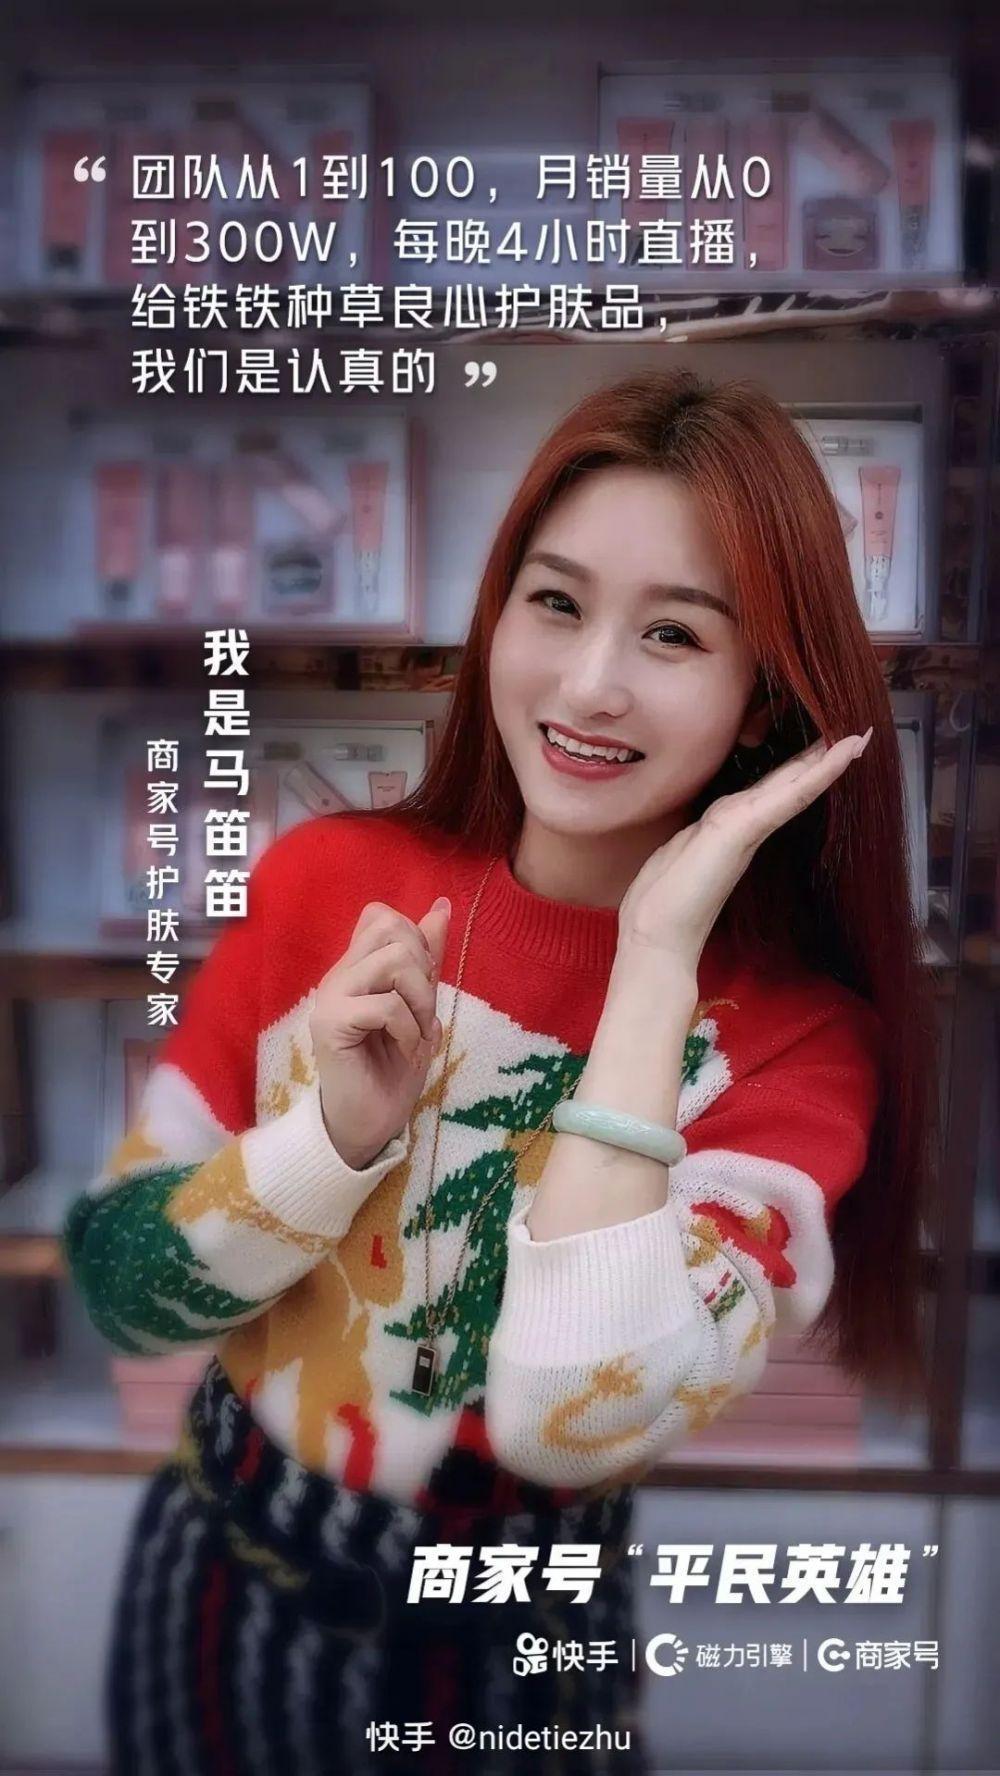 你和月入过亿,只差一个快手商家号的距离-第12张图片-周小辉<a href='http://www.zhouxiaohui.cn/duanshipin/'>短视频</a>培训博客